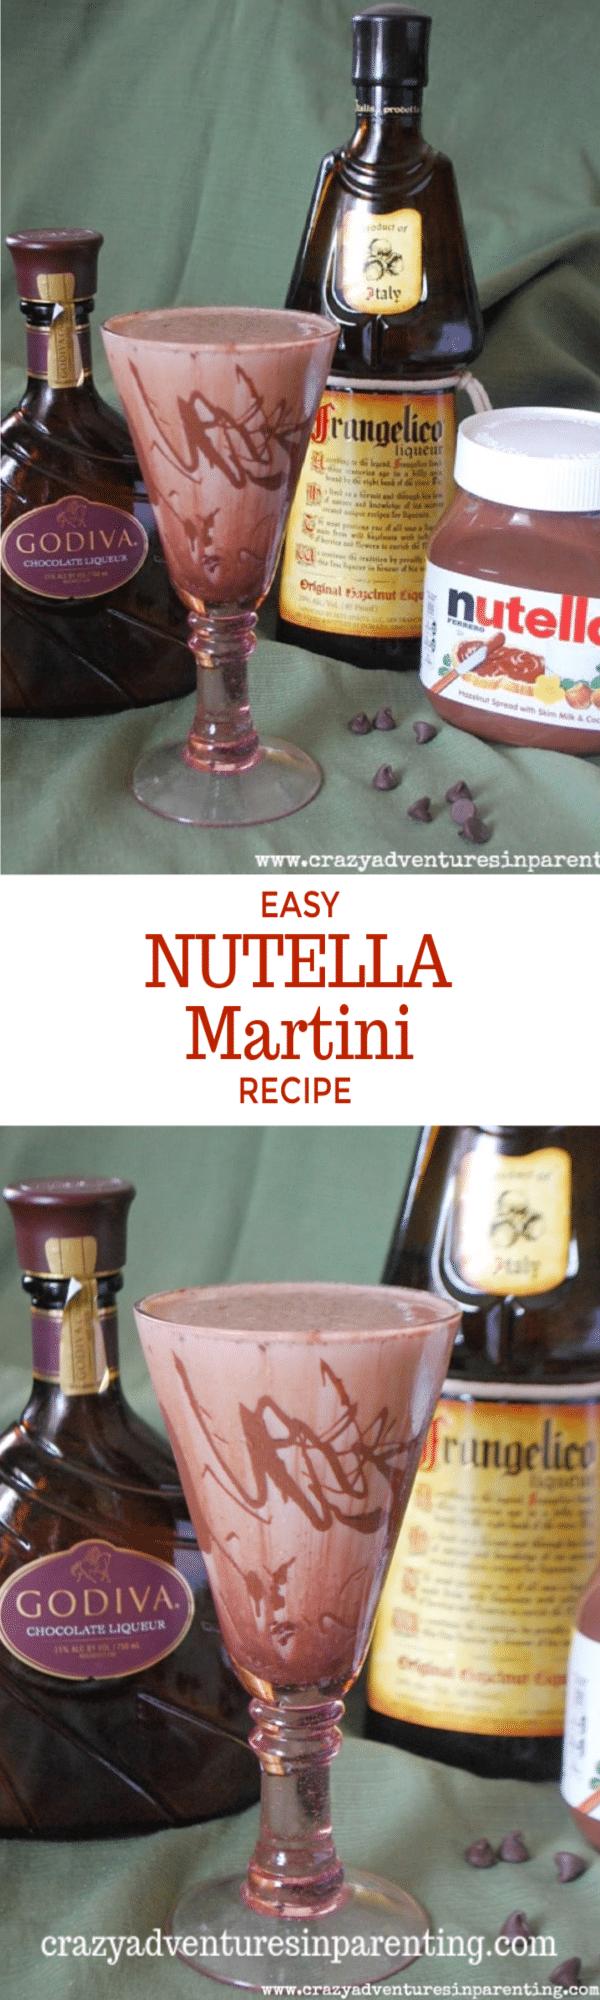 Easy Nutella Martini Recipe